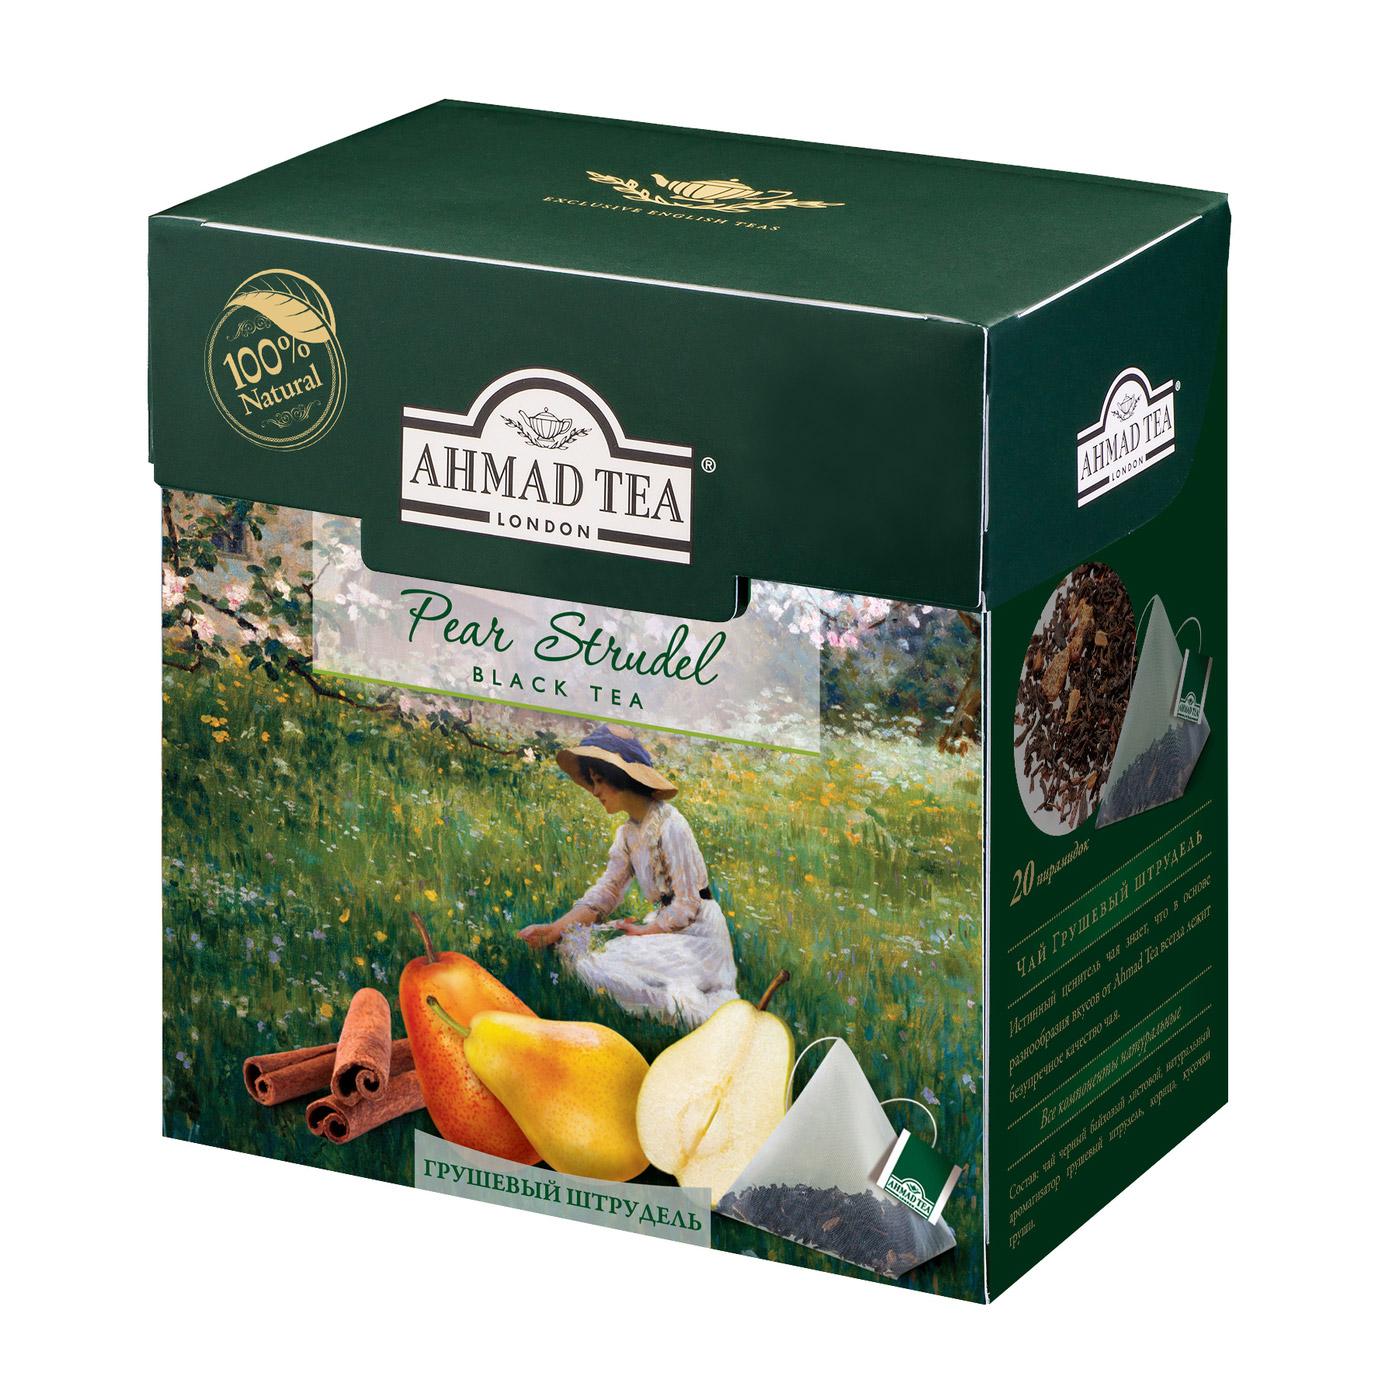 Чай Ahmad Tea Pear Strudel черный 20 пакетиков